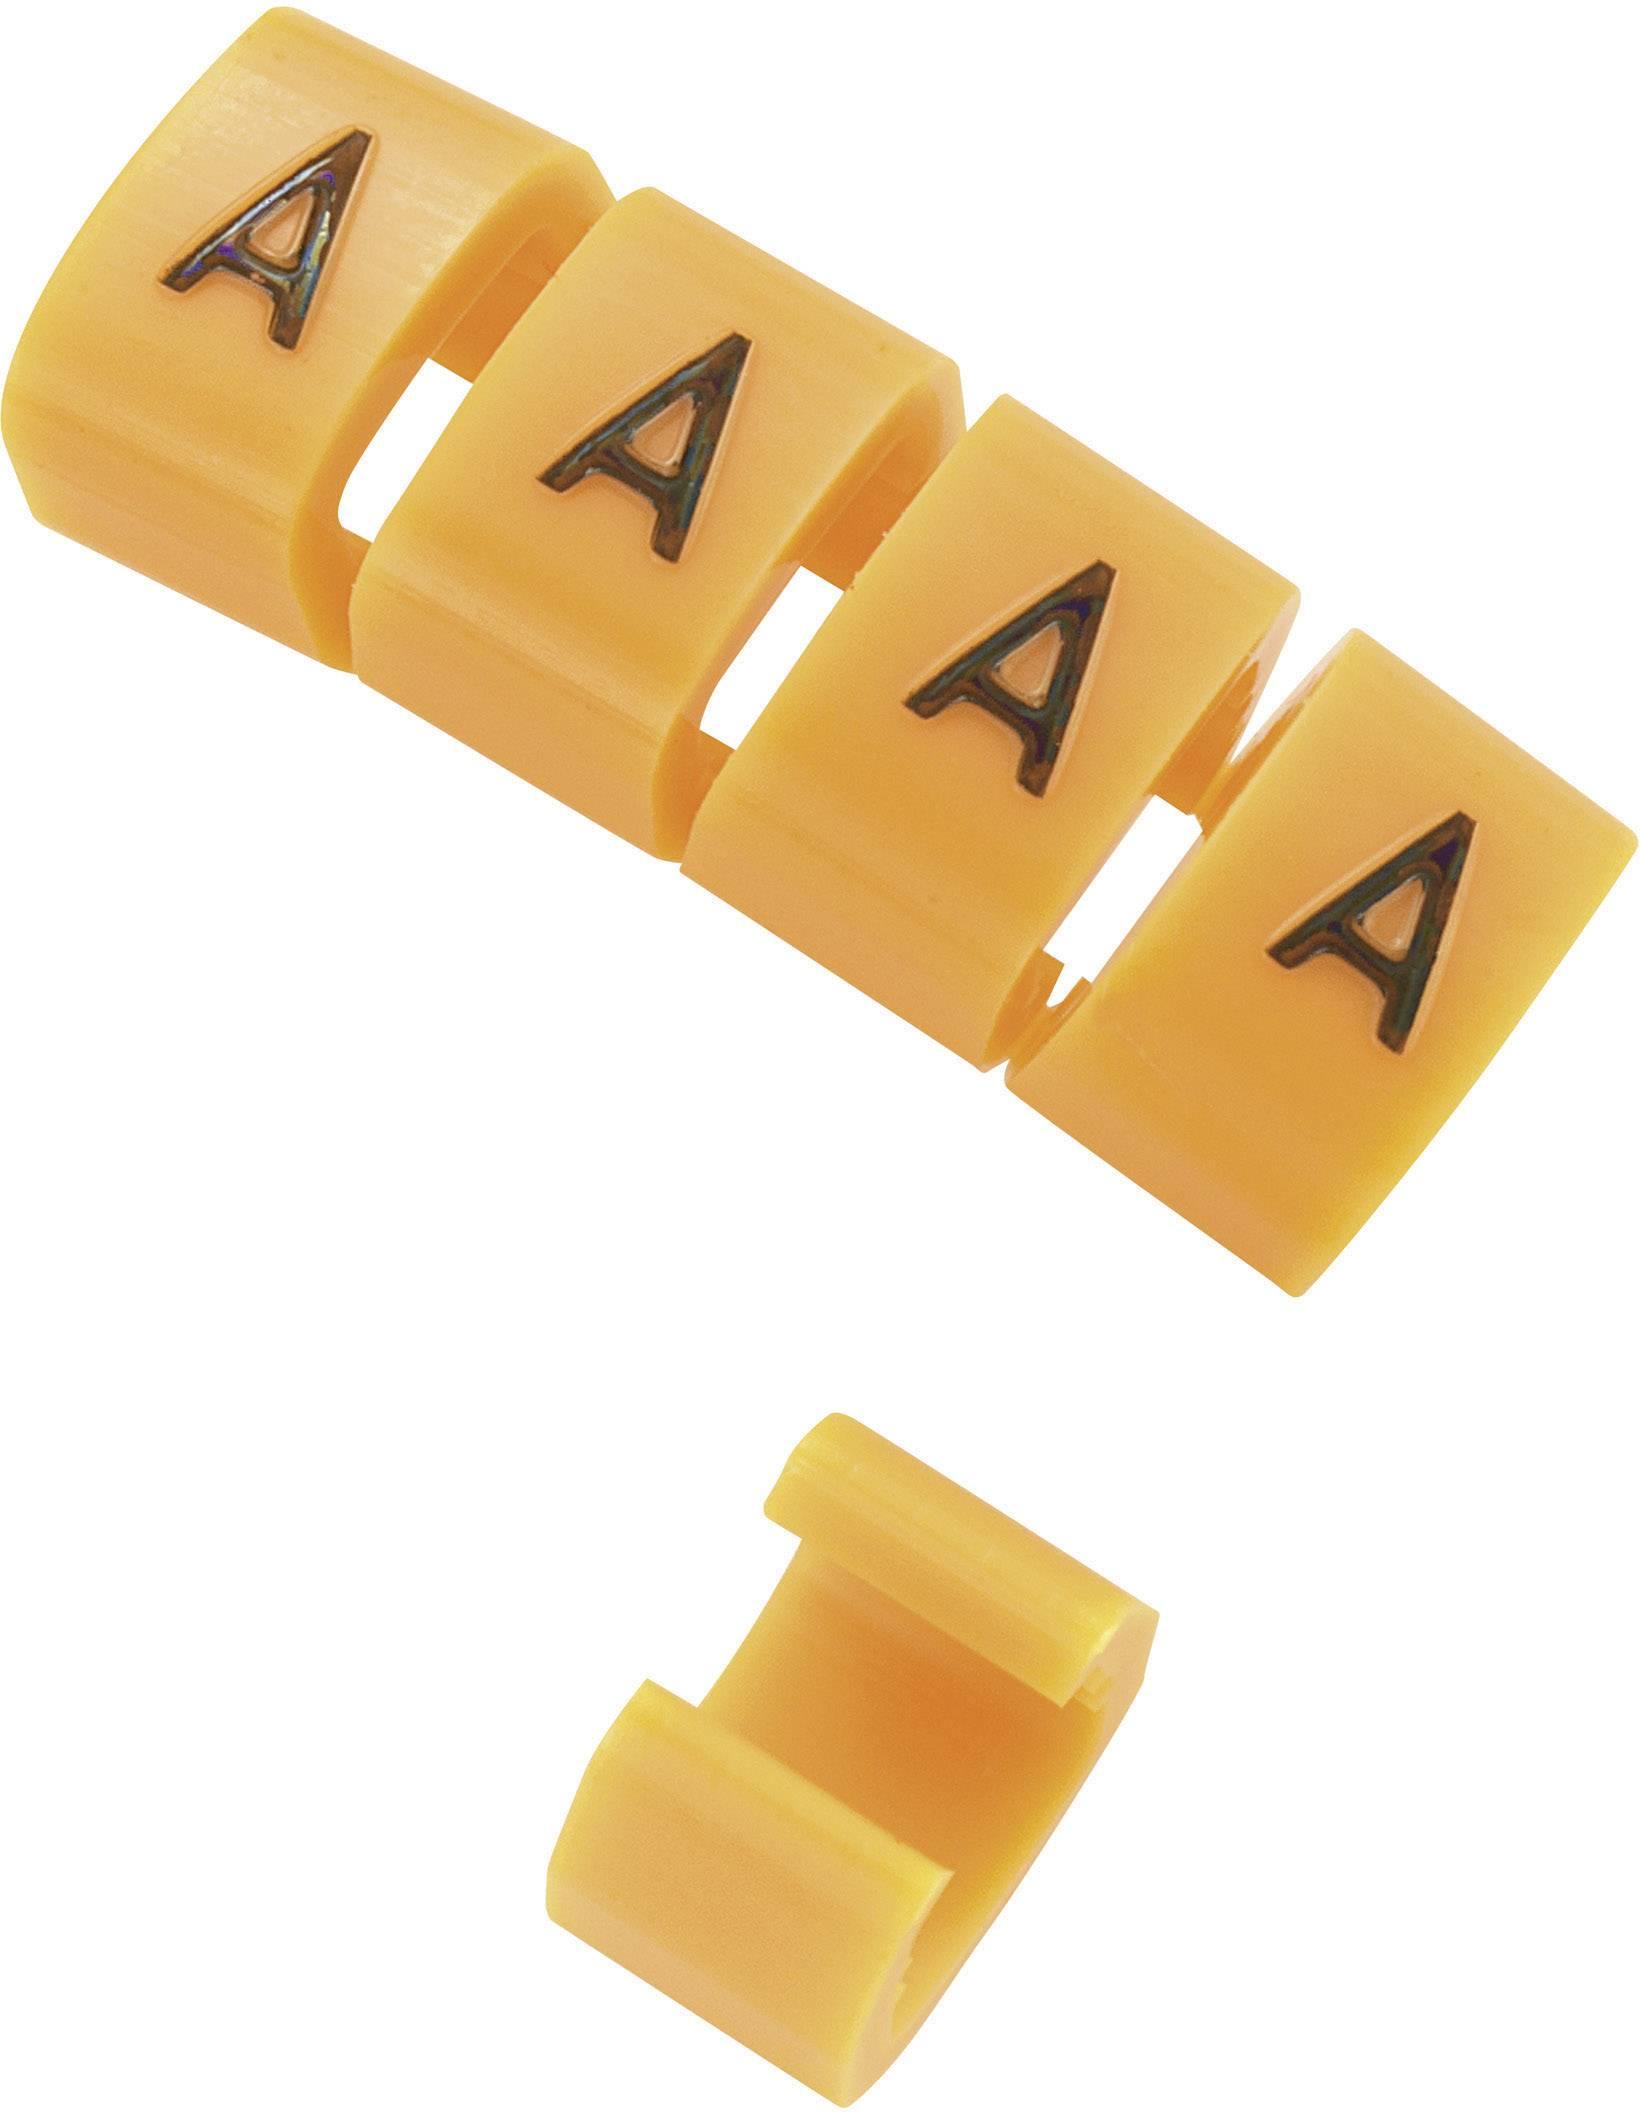 Označovacie objímka na káble KSS MB1/U, oranžová, 10 ks